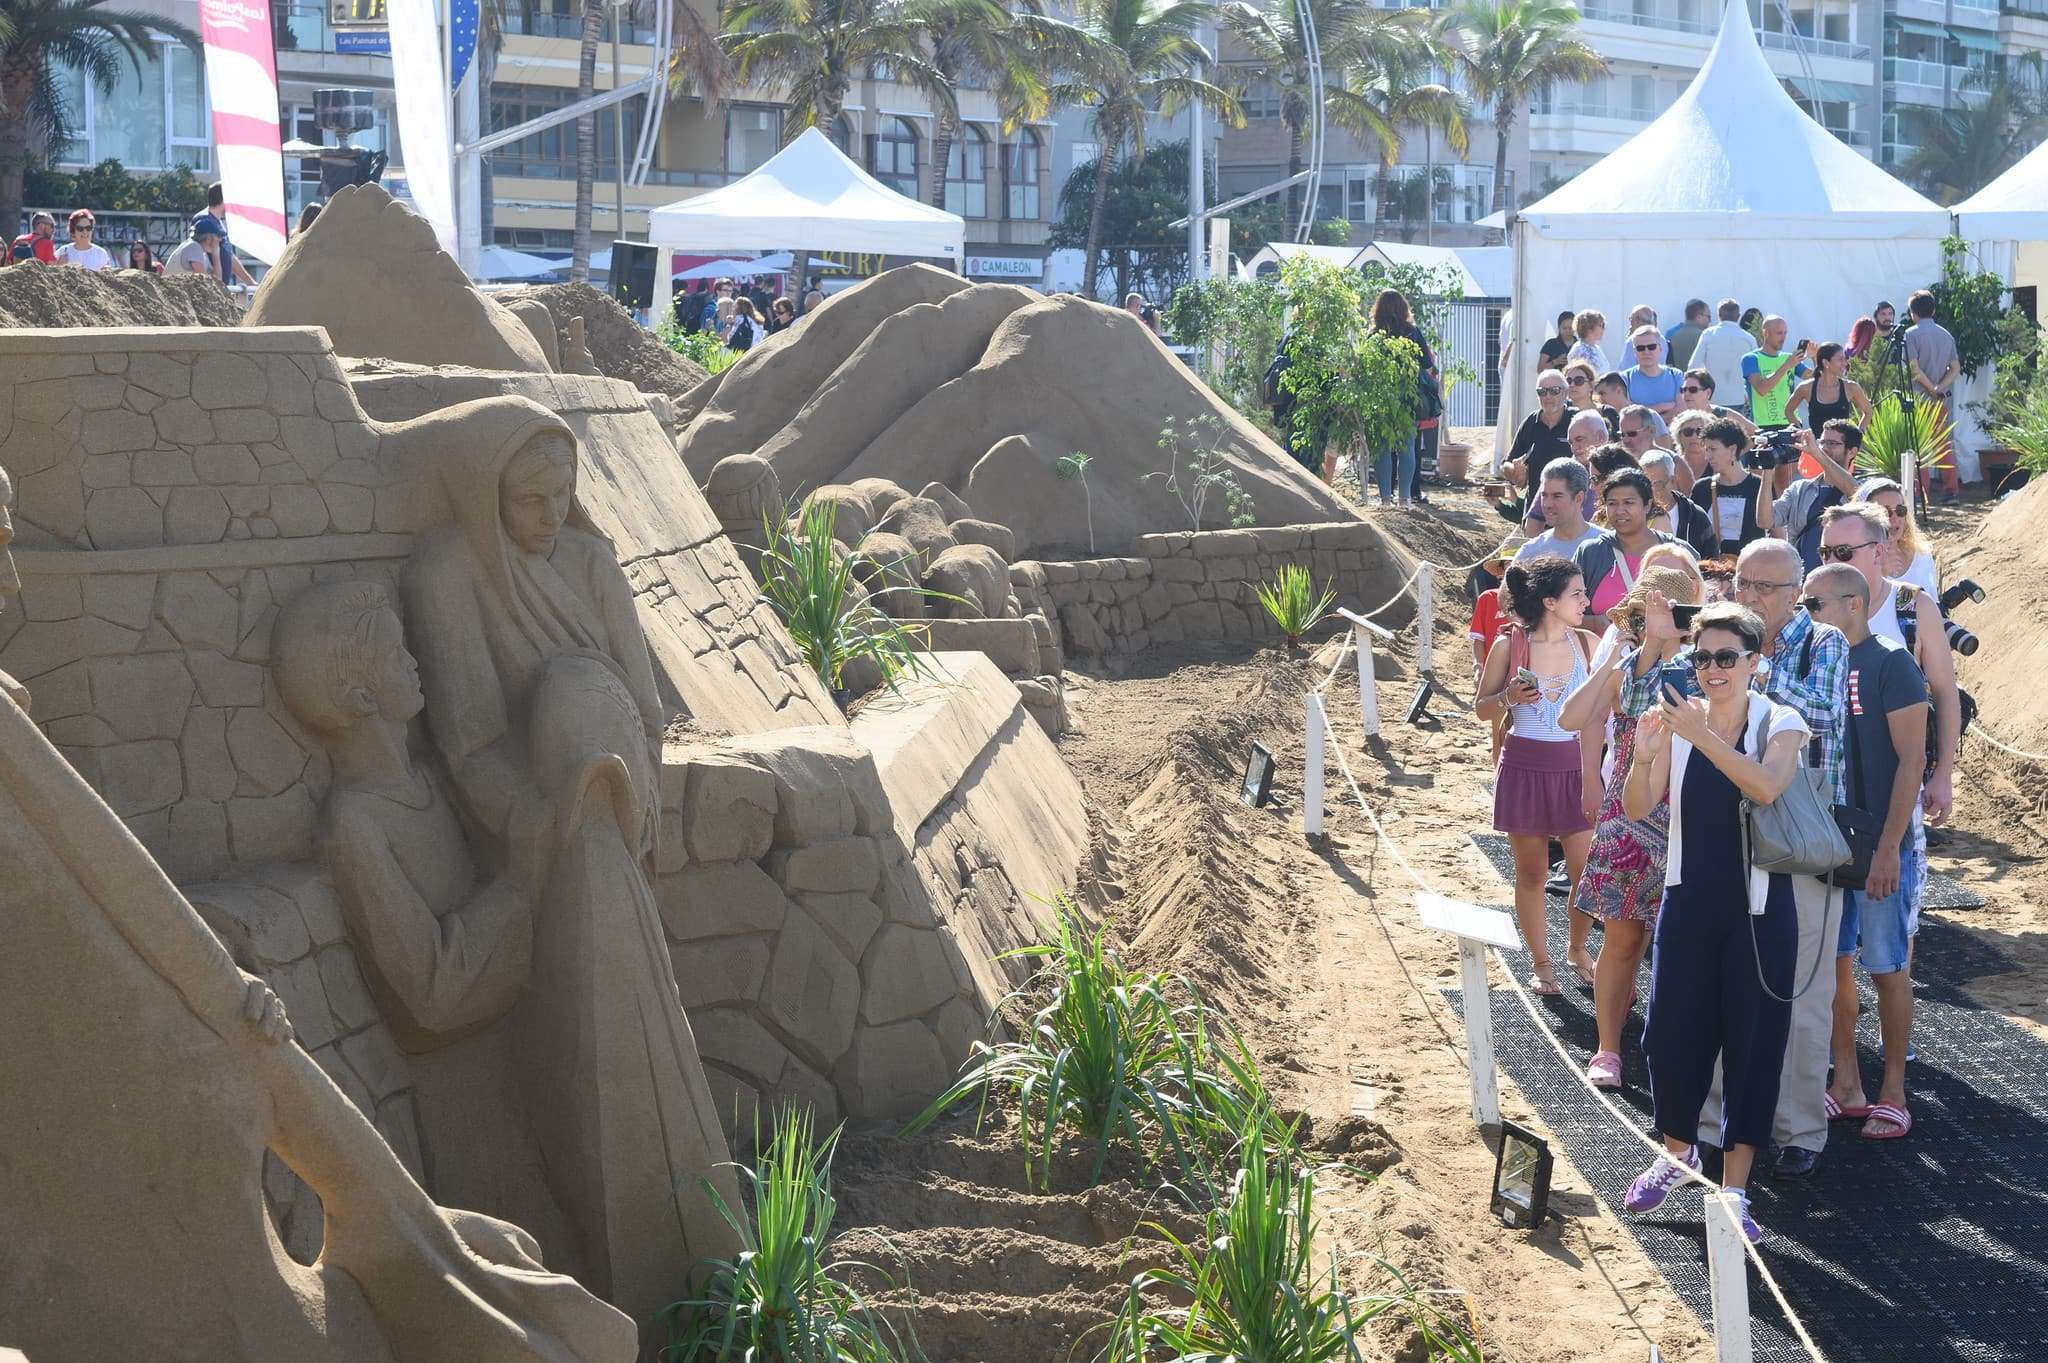 Un original Belén de arena para la navidad en Gran Canaria 75